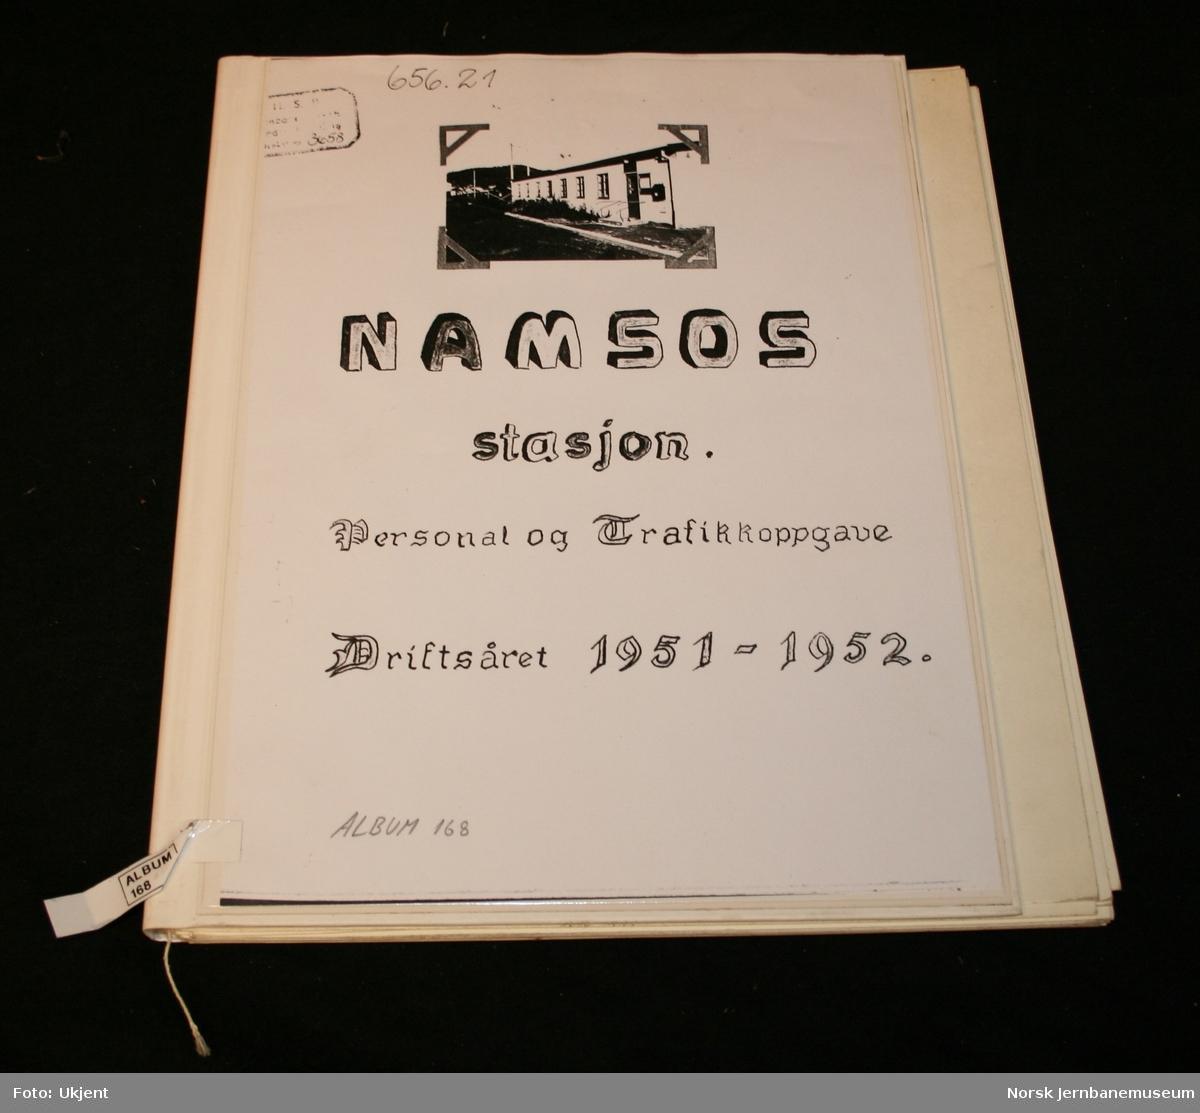 Namsos stasjon : Personal og Trafikkoppgave : Driftsåret 1951-1952